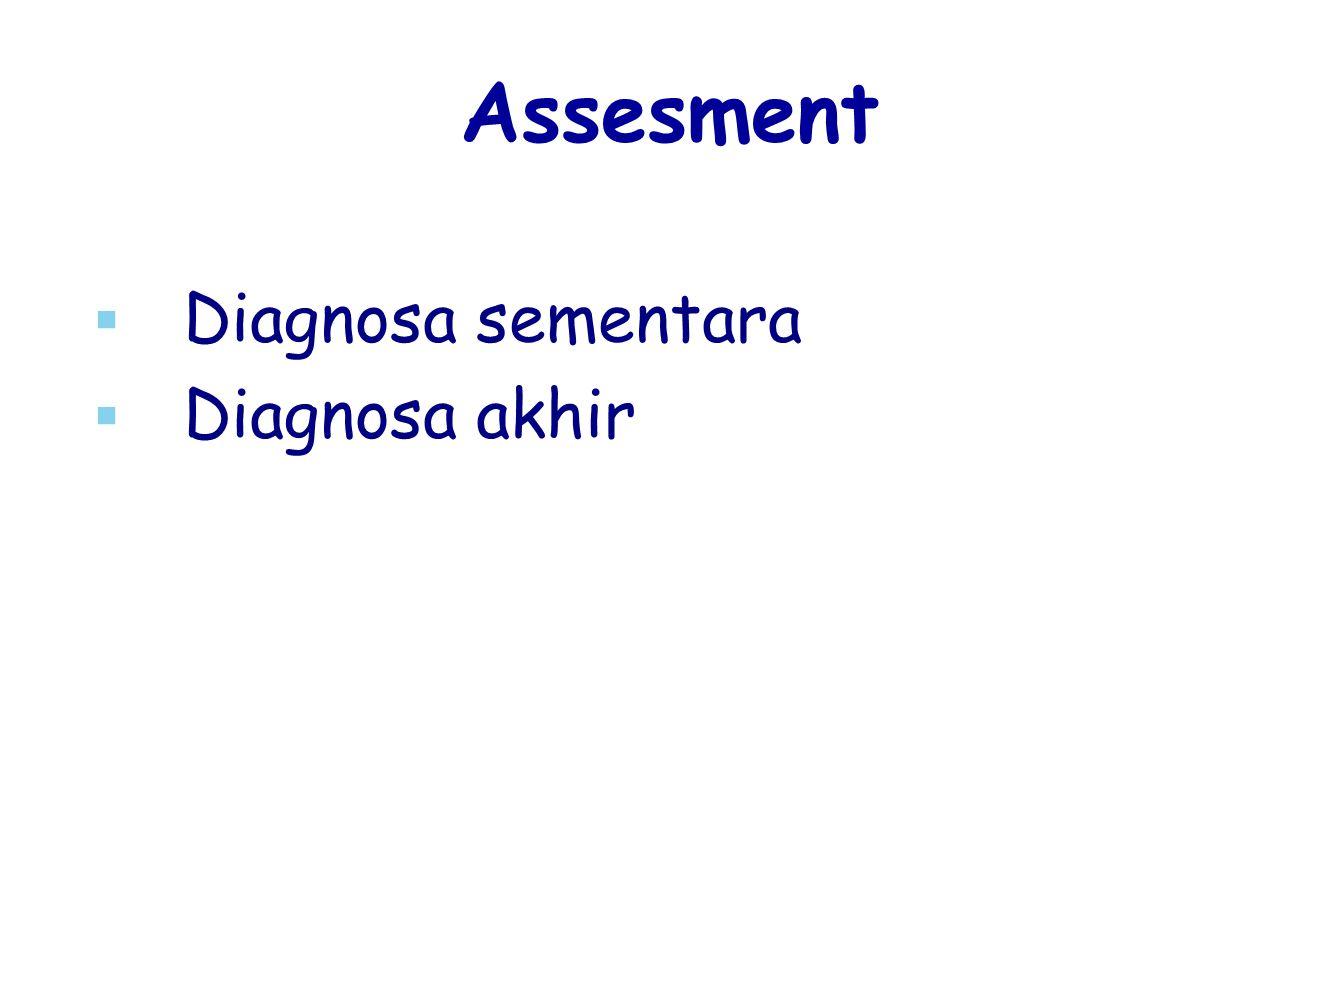   Diagnosa sementara   Diagnosa akhir Assesment